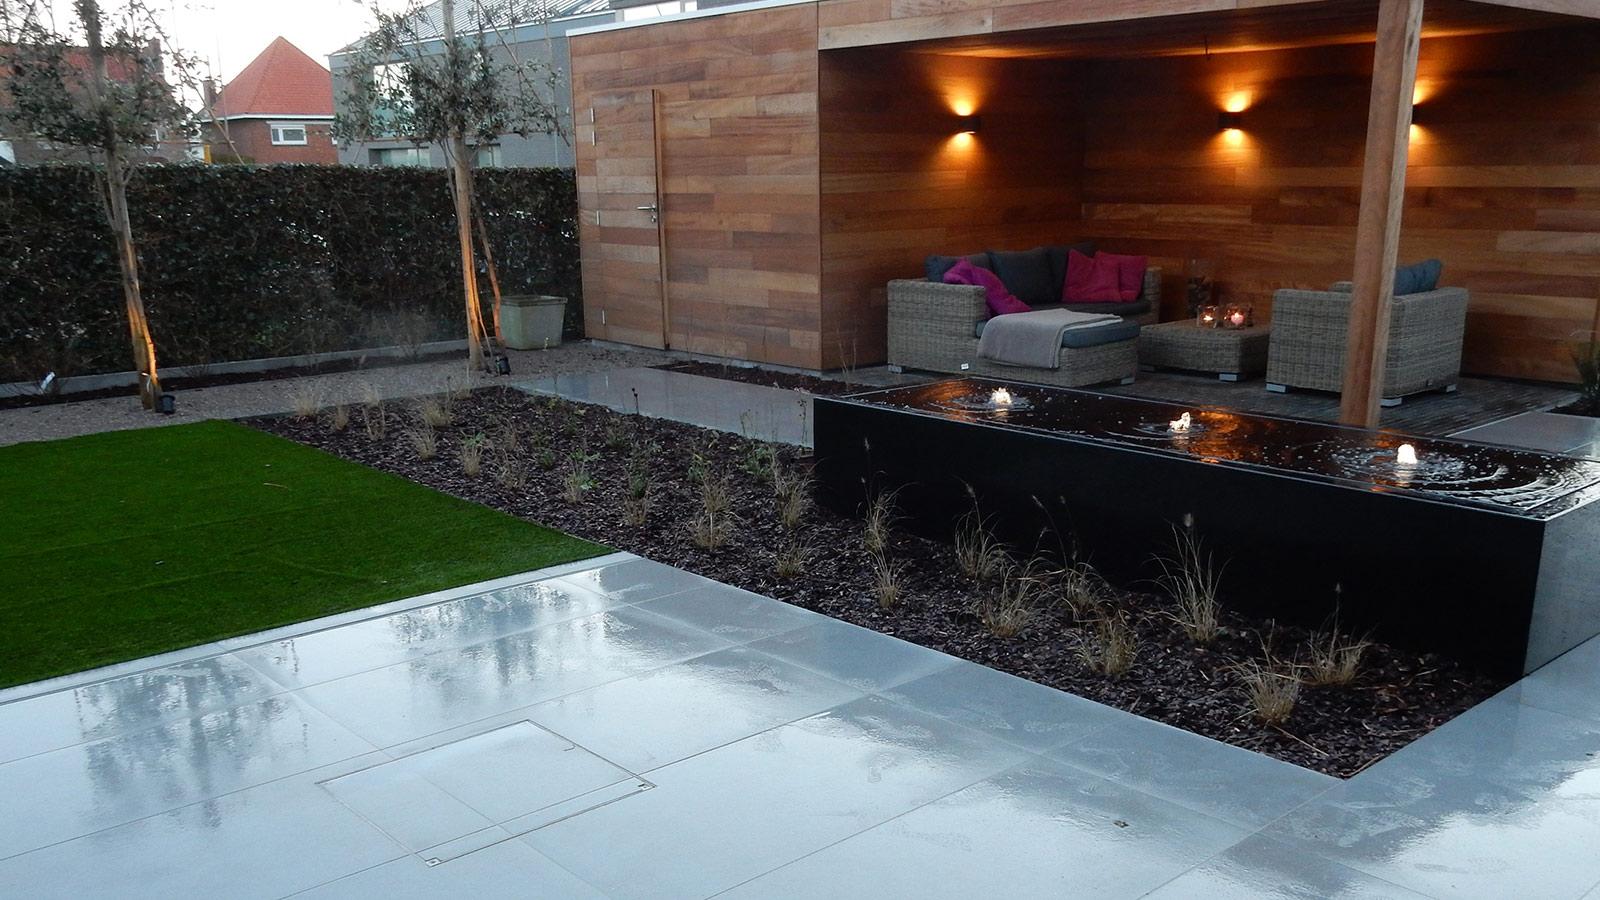 Strakke tuin met weinig onderhoud door het kunstgazon tuinaanleg hoornaert uw aannemer - Overdekt terras tegel ...